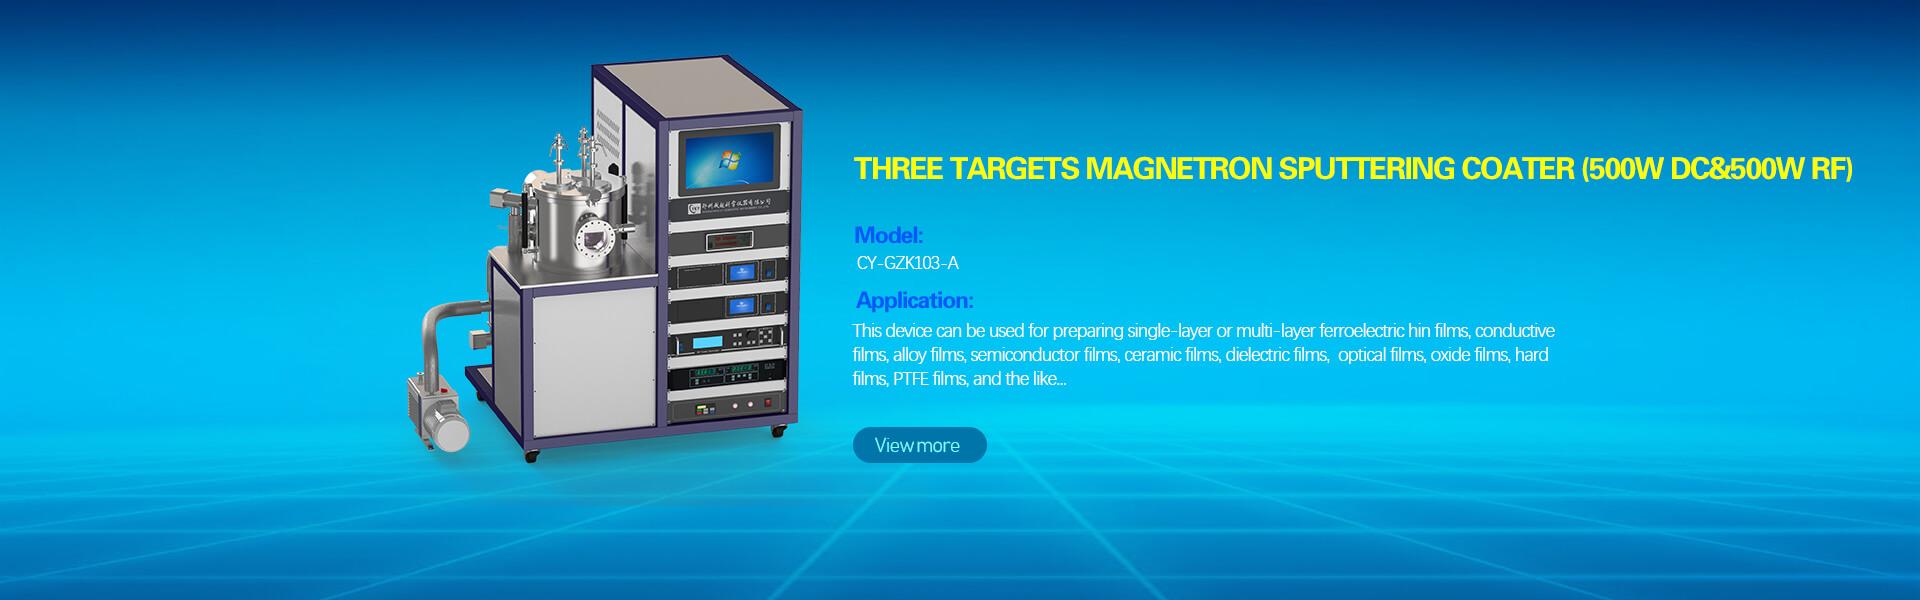 Magnetron Sputter coating